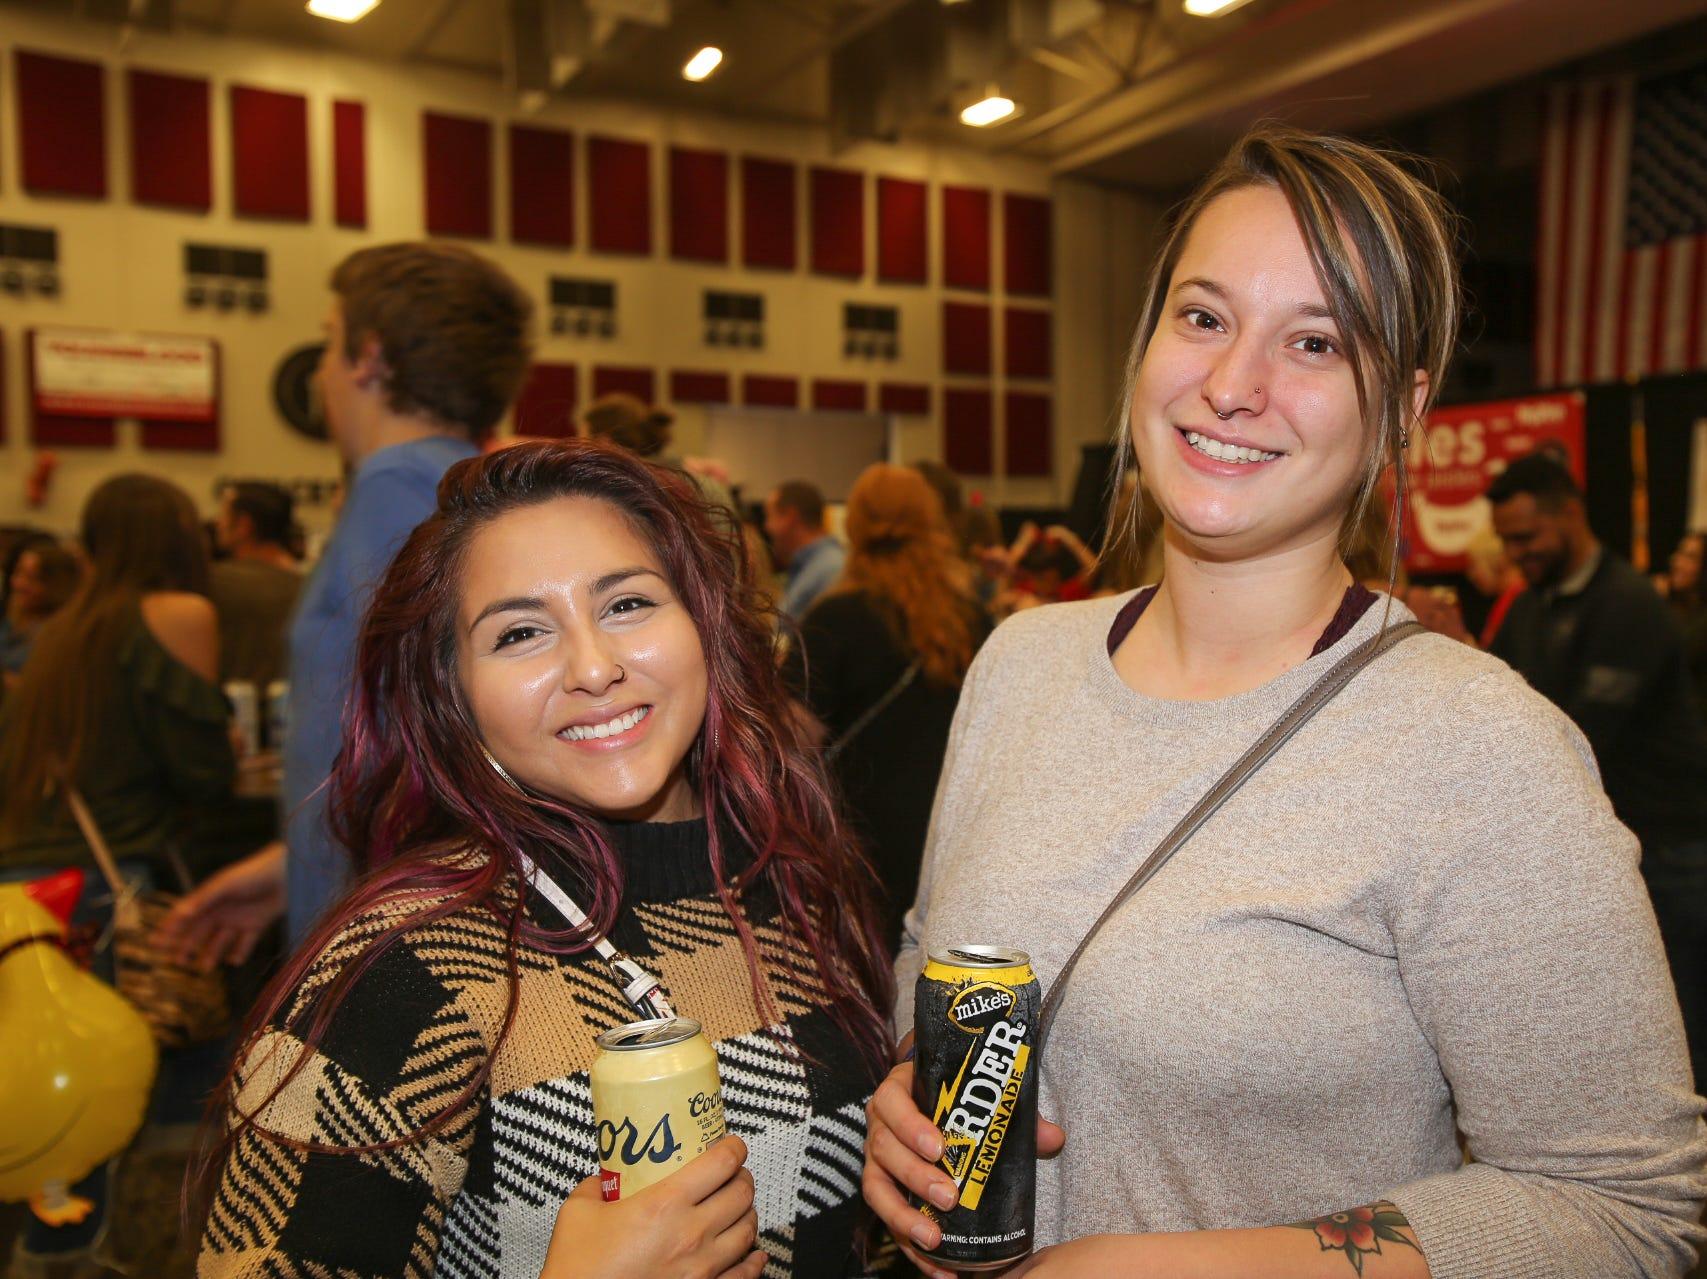 Bianca Guevara and Allison Lambert